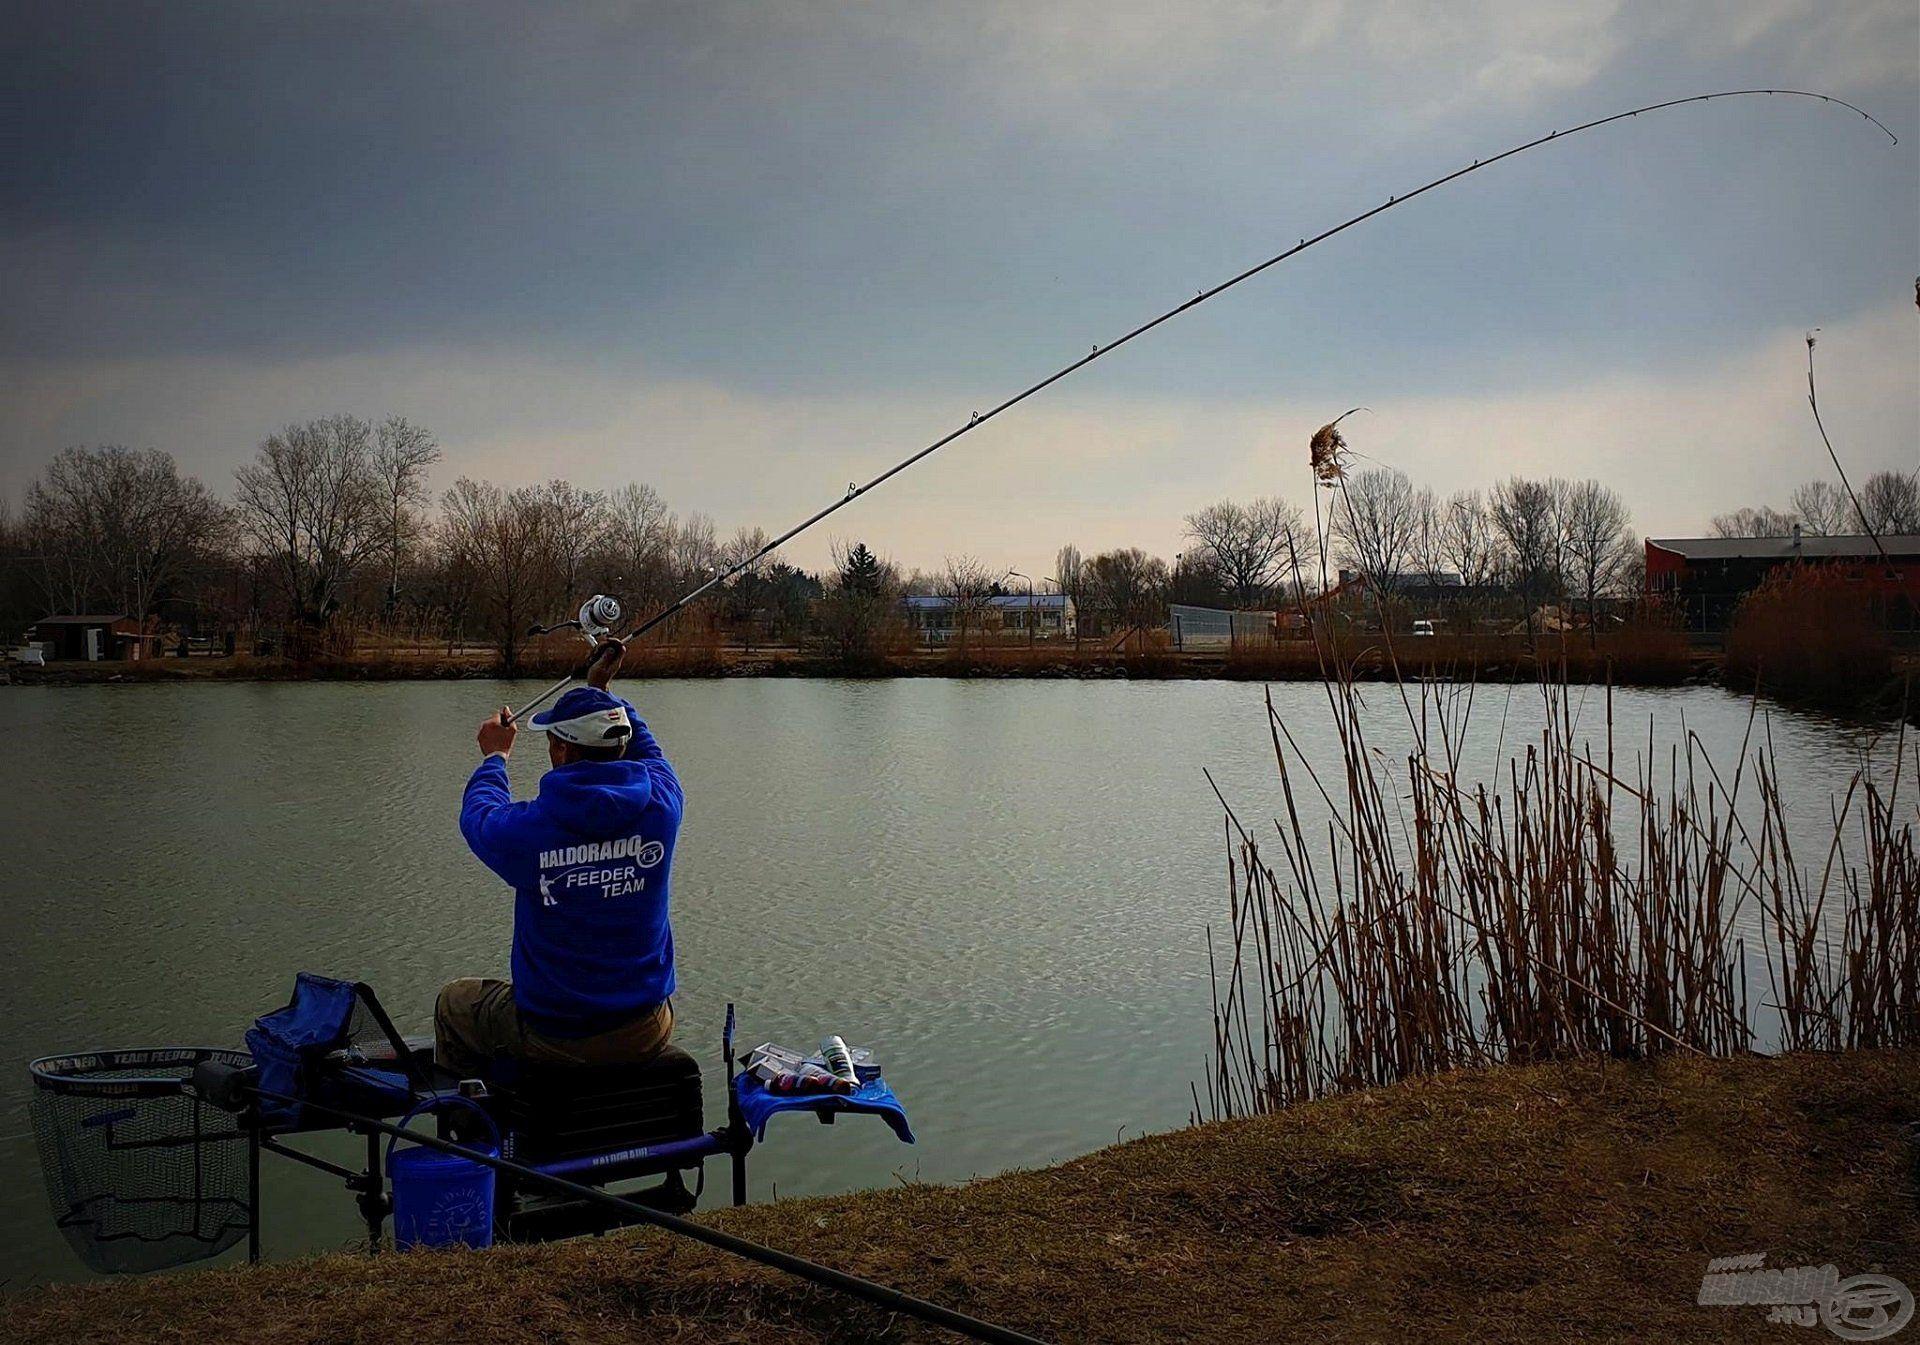 Horgászládánk stabil és biztonságos elhelyezésére mindig szánjunk elegendő időt, csak ezután kezdjük meg a horgászatot!